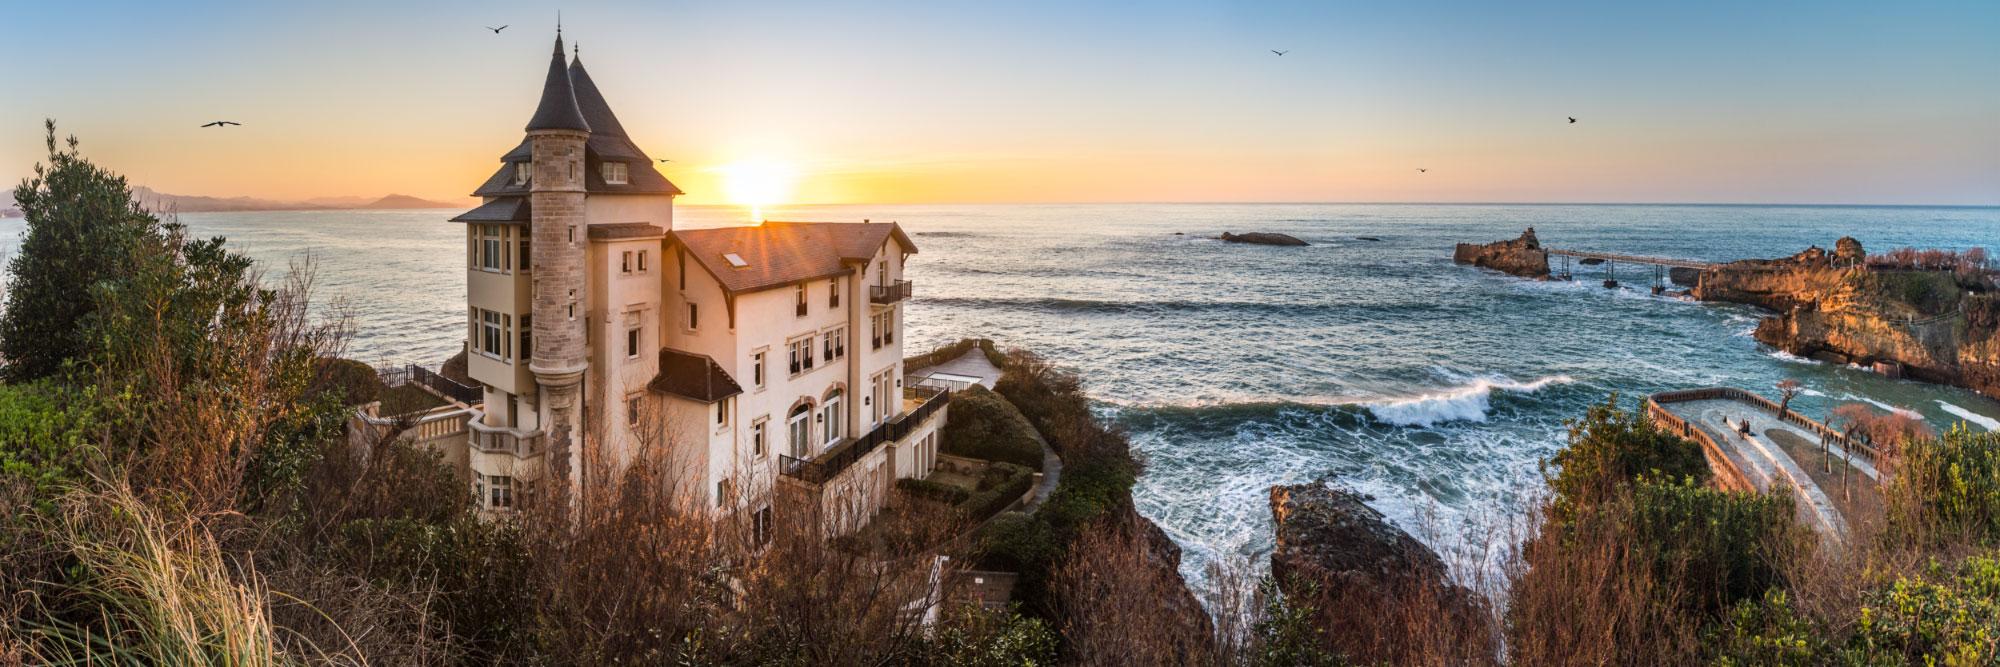 La Villa Belza et le Rocher de la Vierge, Biarritz, Pays-Basque